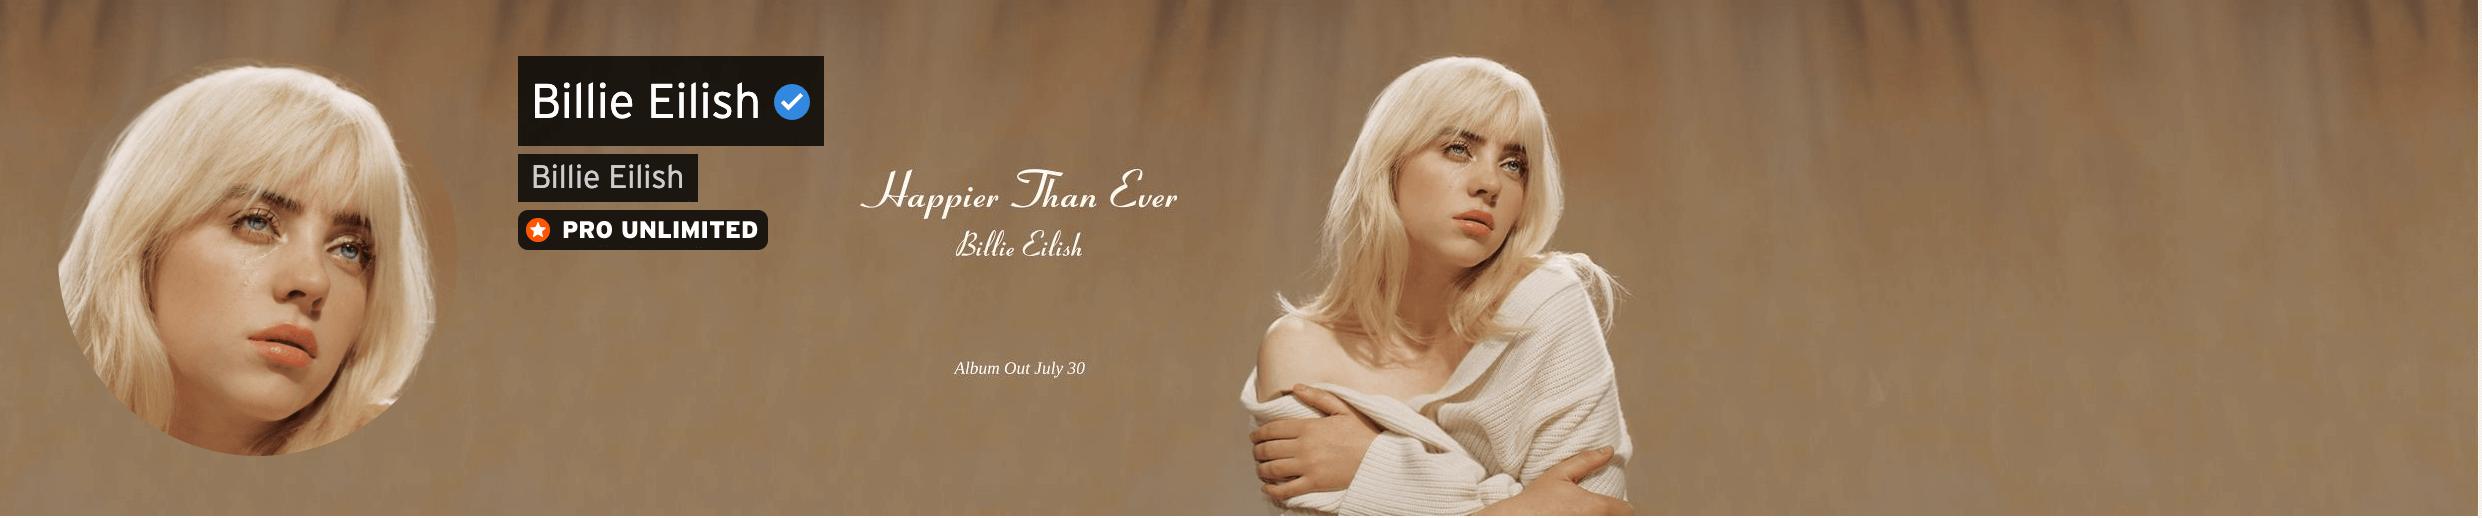 Billie Eilish soundcloud cover